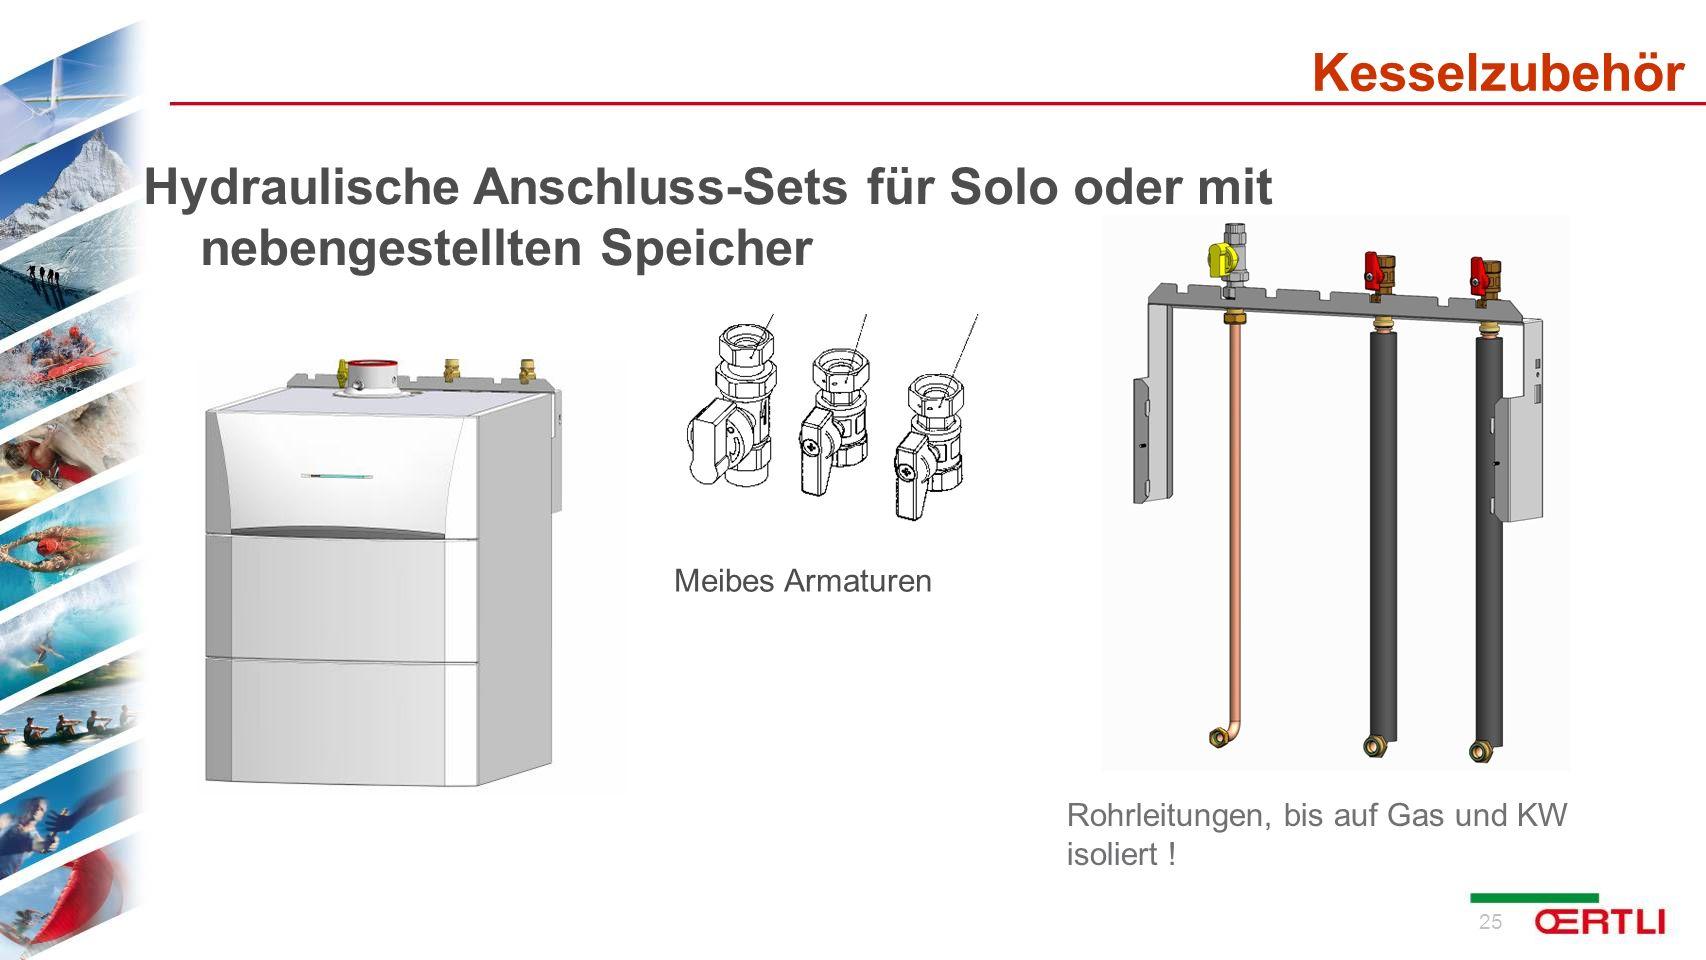 Kesselzubehör Hydraulische Anschluss-Sets für Solo oder mit nebengestellten Speicher. Meibes Armaturen.